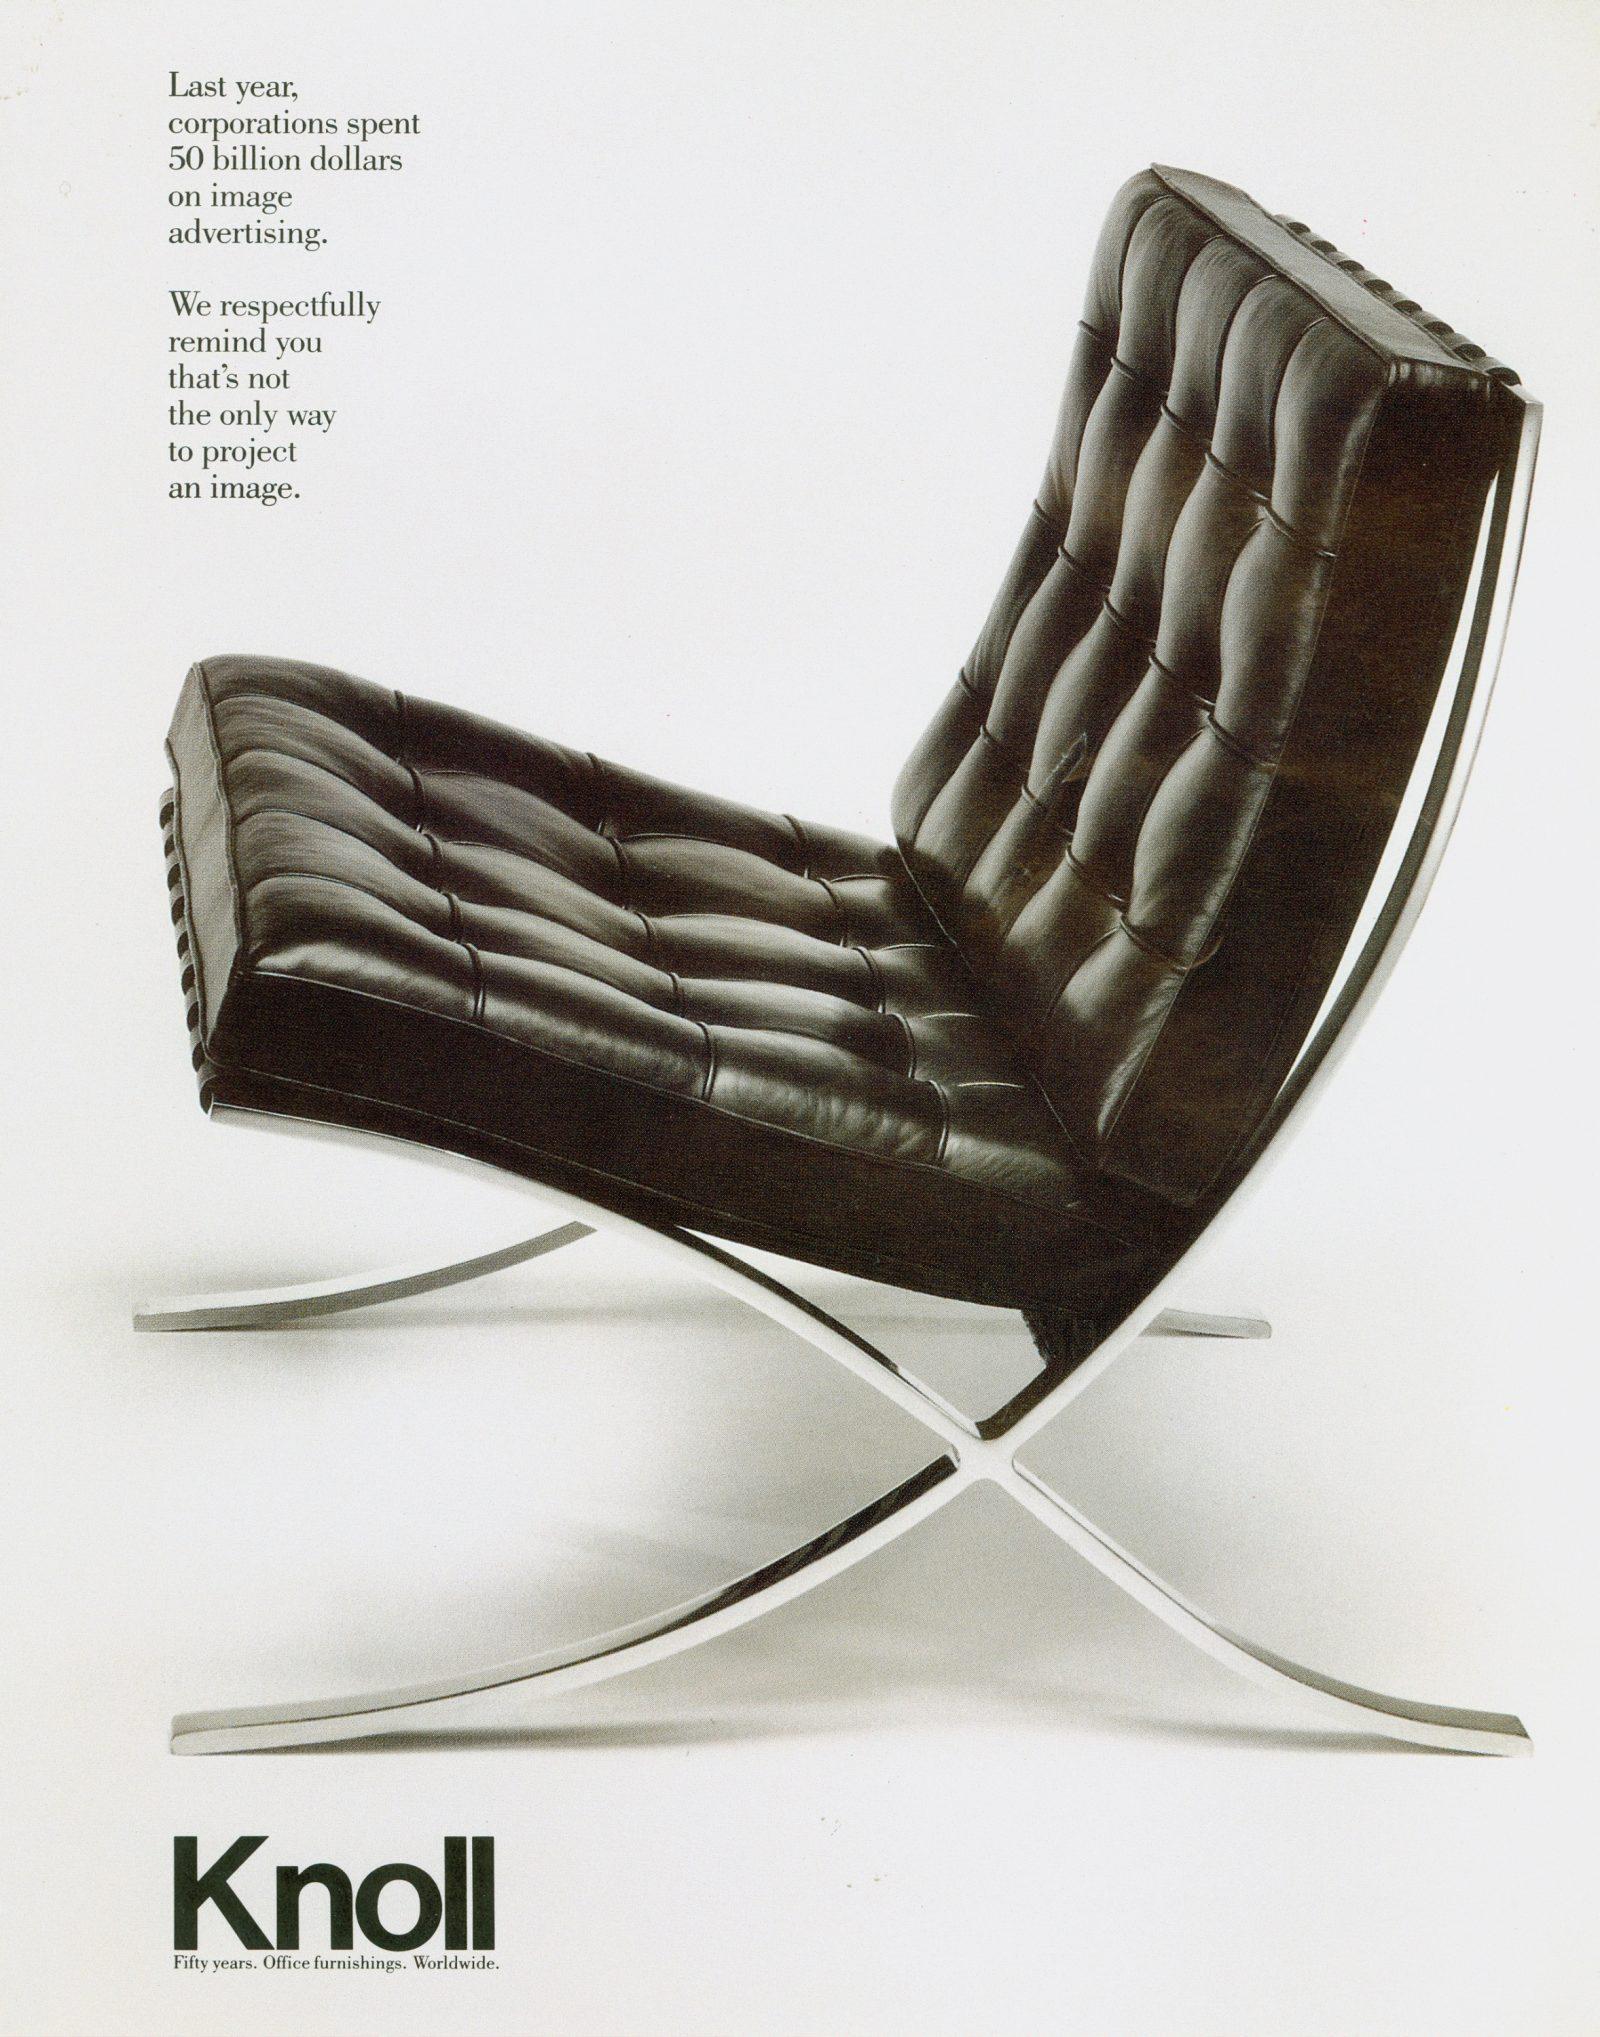 19 Knoll Barcelona Chair ad 1988